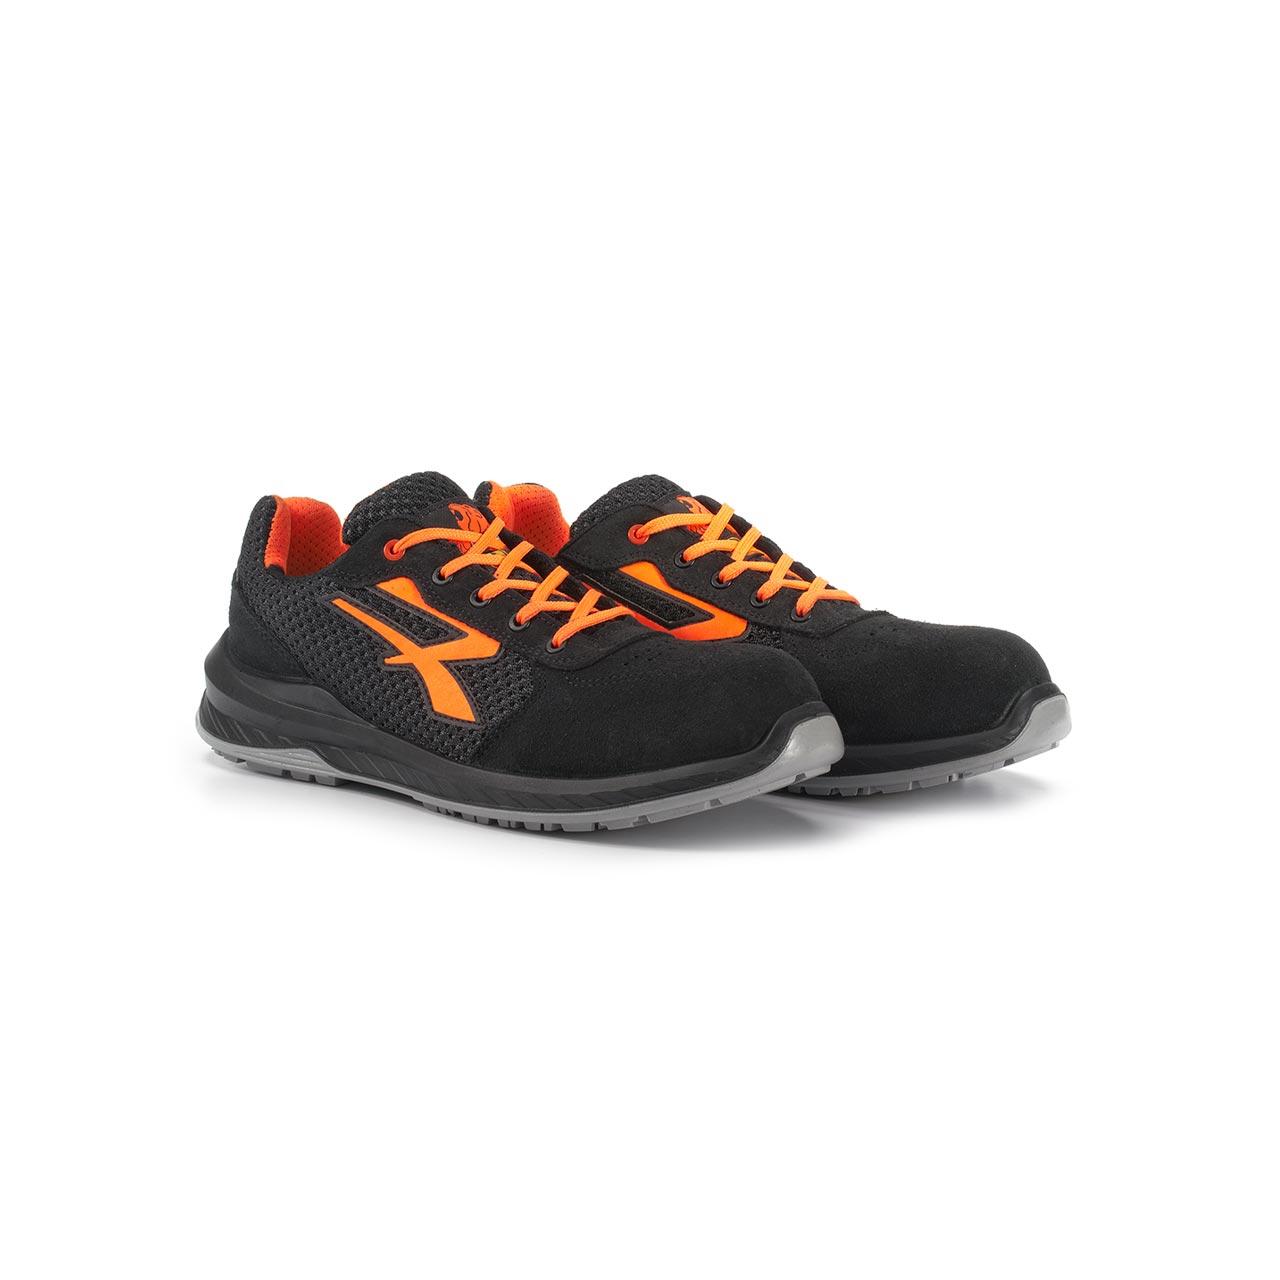 paio di scarpe antinfortunistiche upower modello nairobi linea redindustry vista prospettica